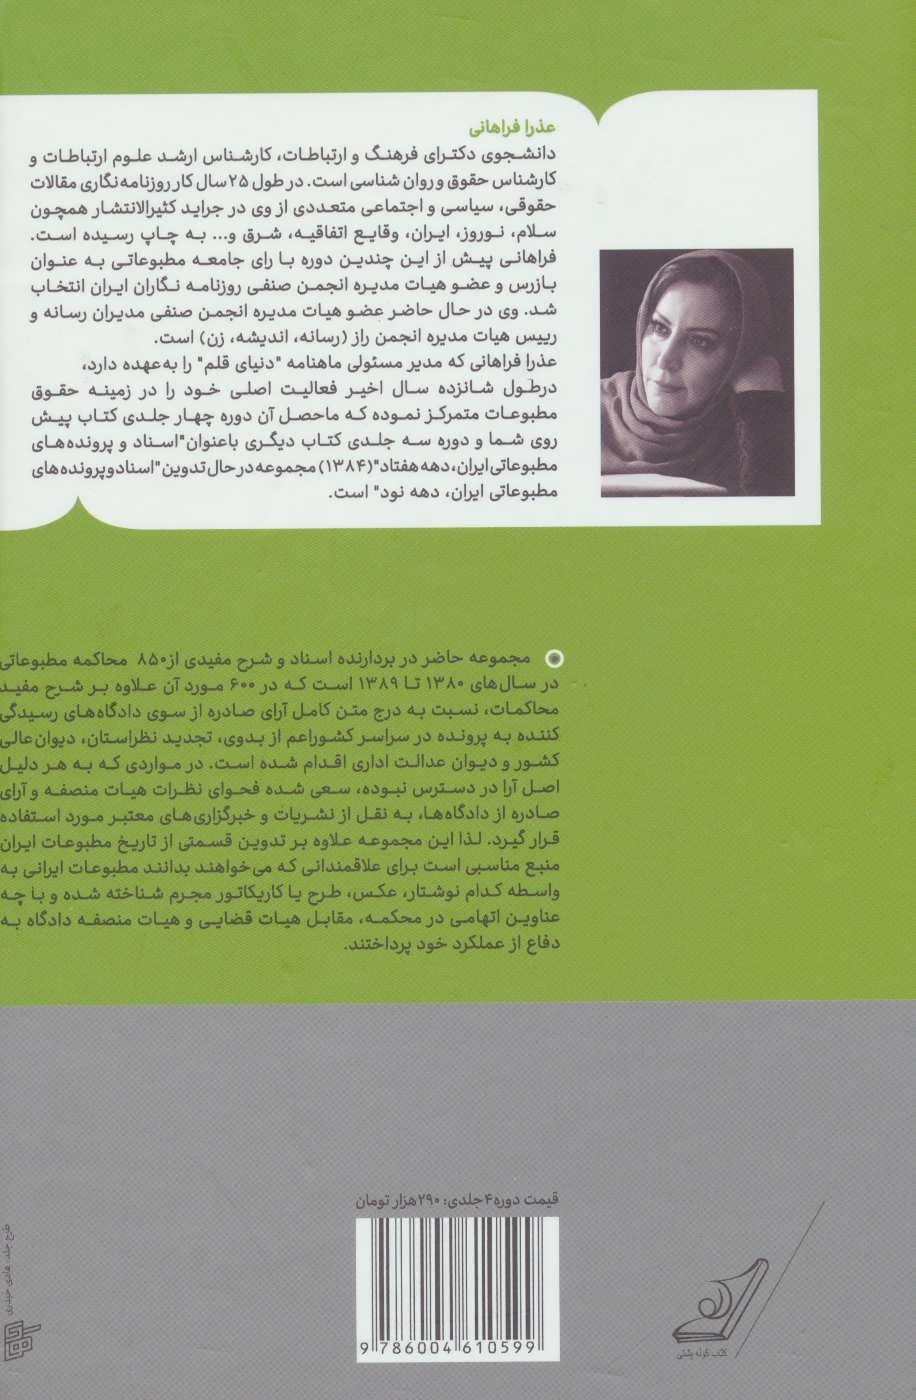 اسناد و پرونده های مطبوعاتی ایران دهه 80 (4جلدی)